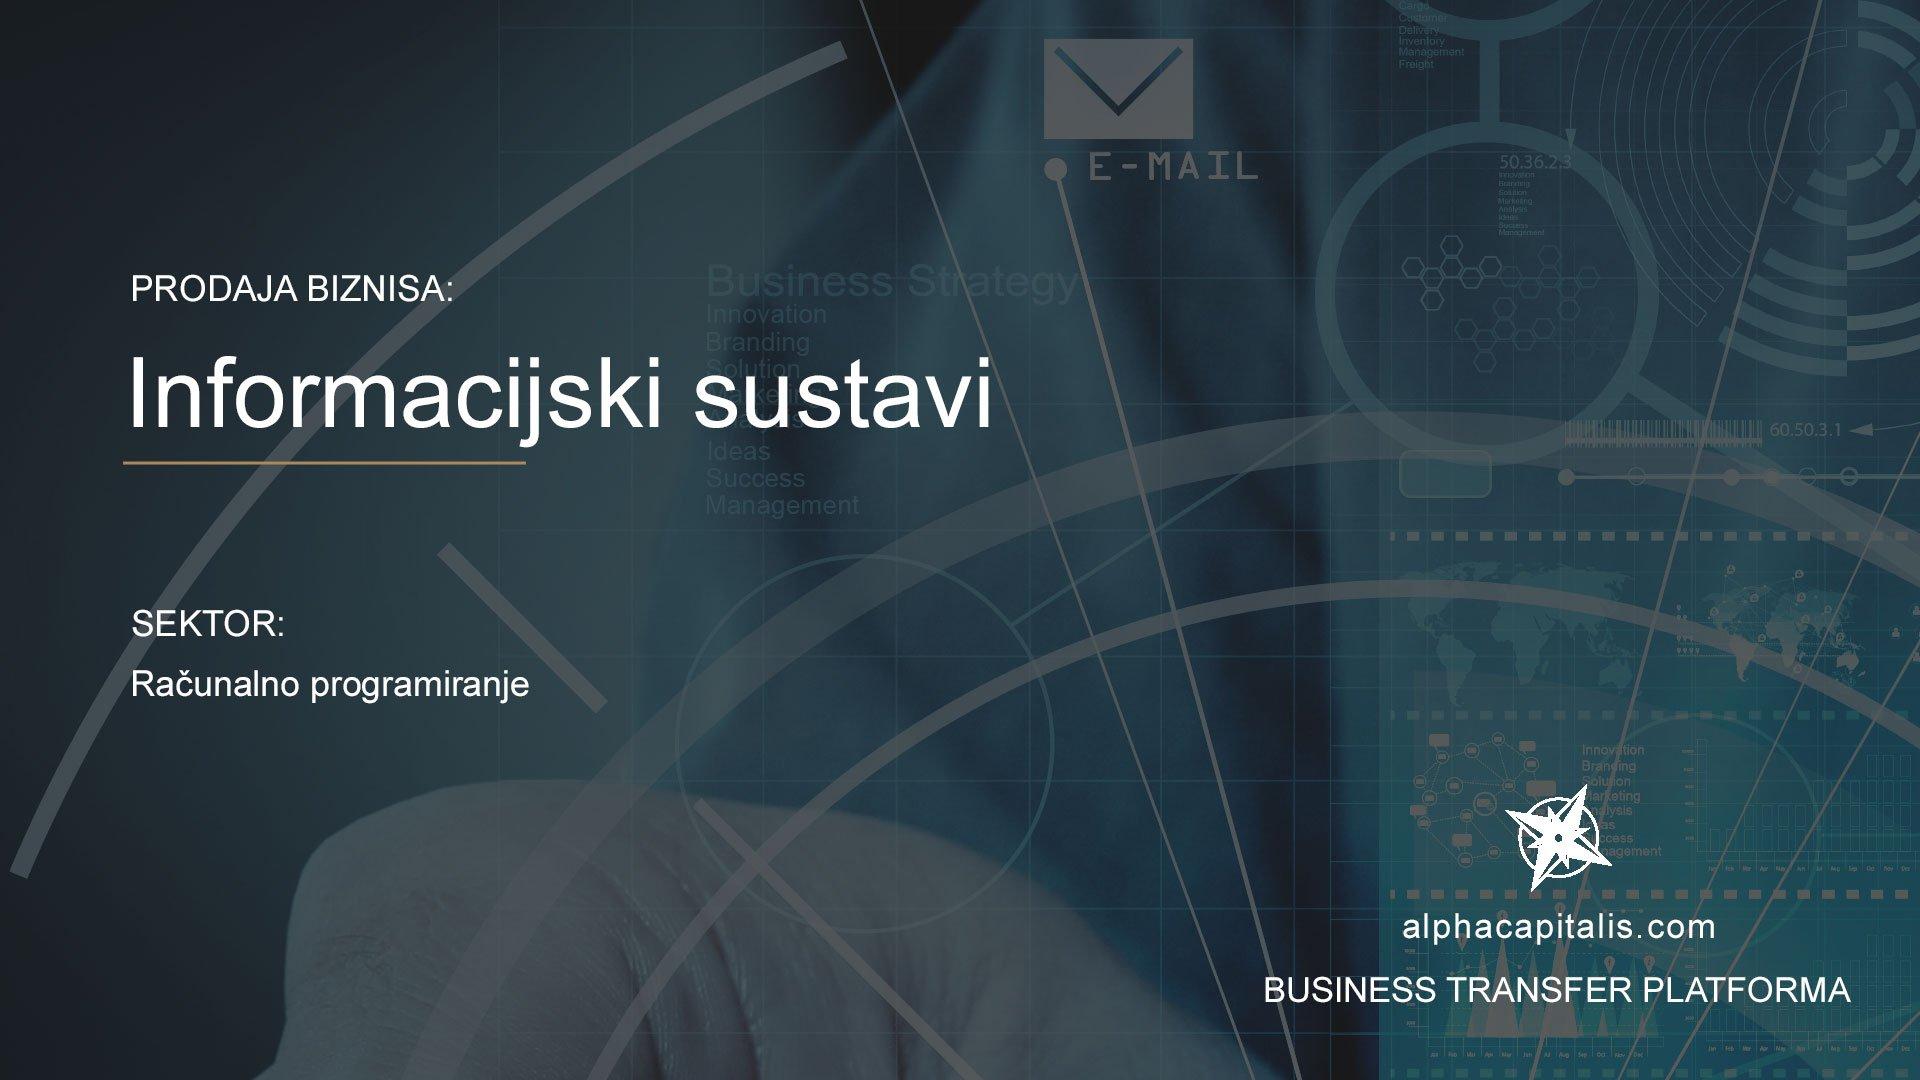 Alpha-Capitalis--Business-Transfer-Platforma_informacijski sustavi